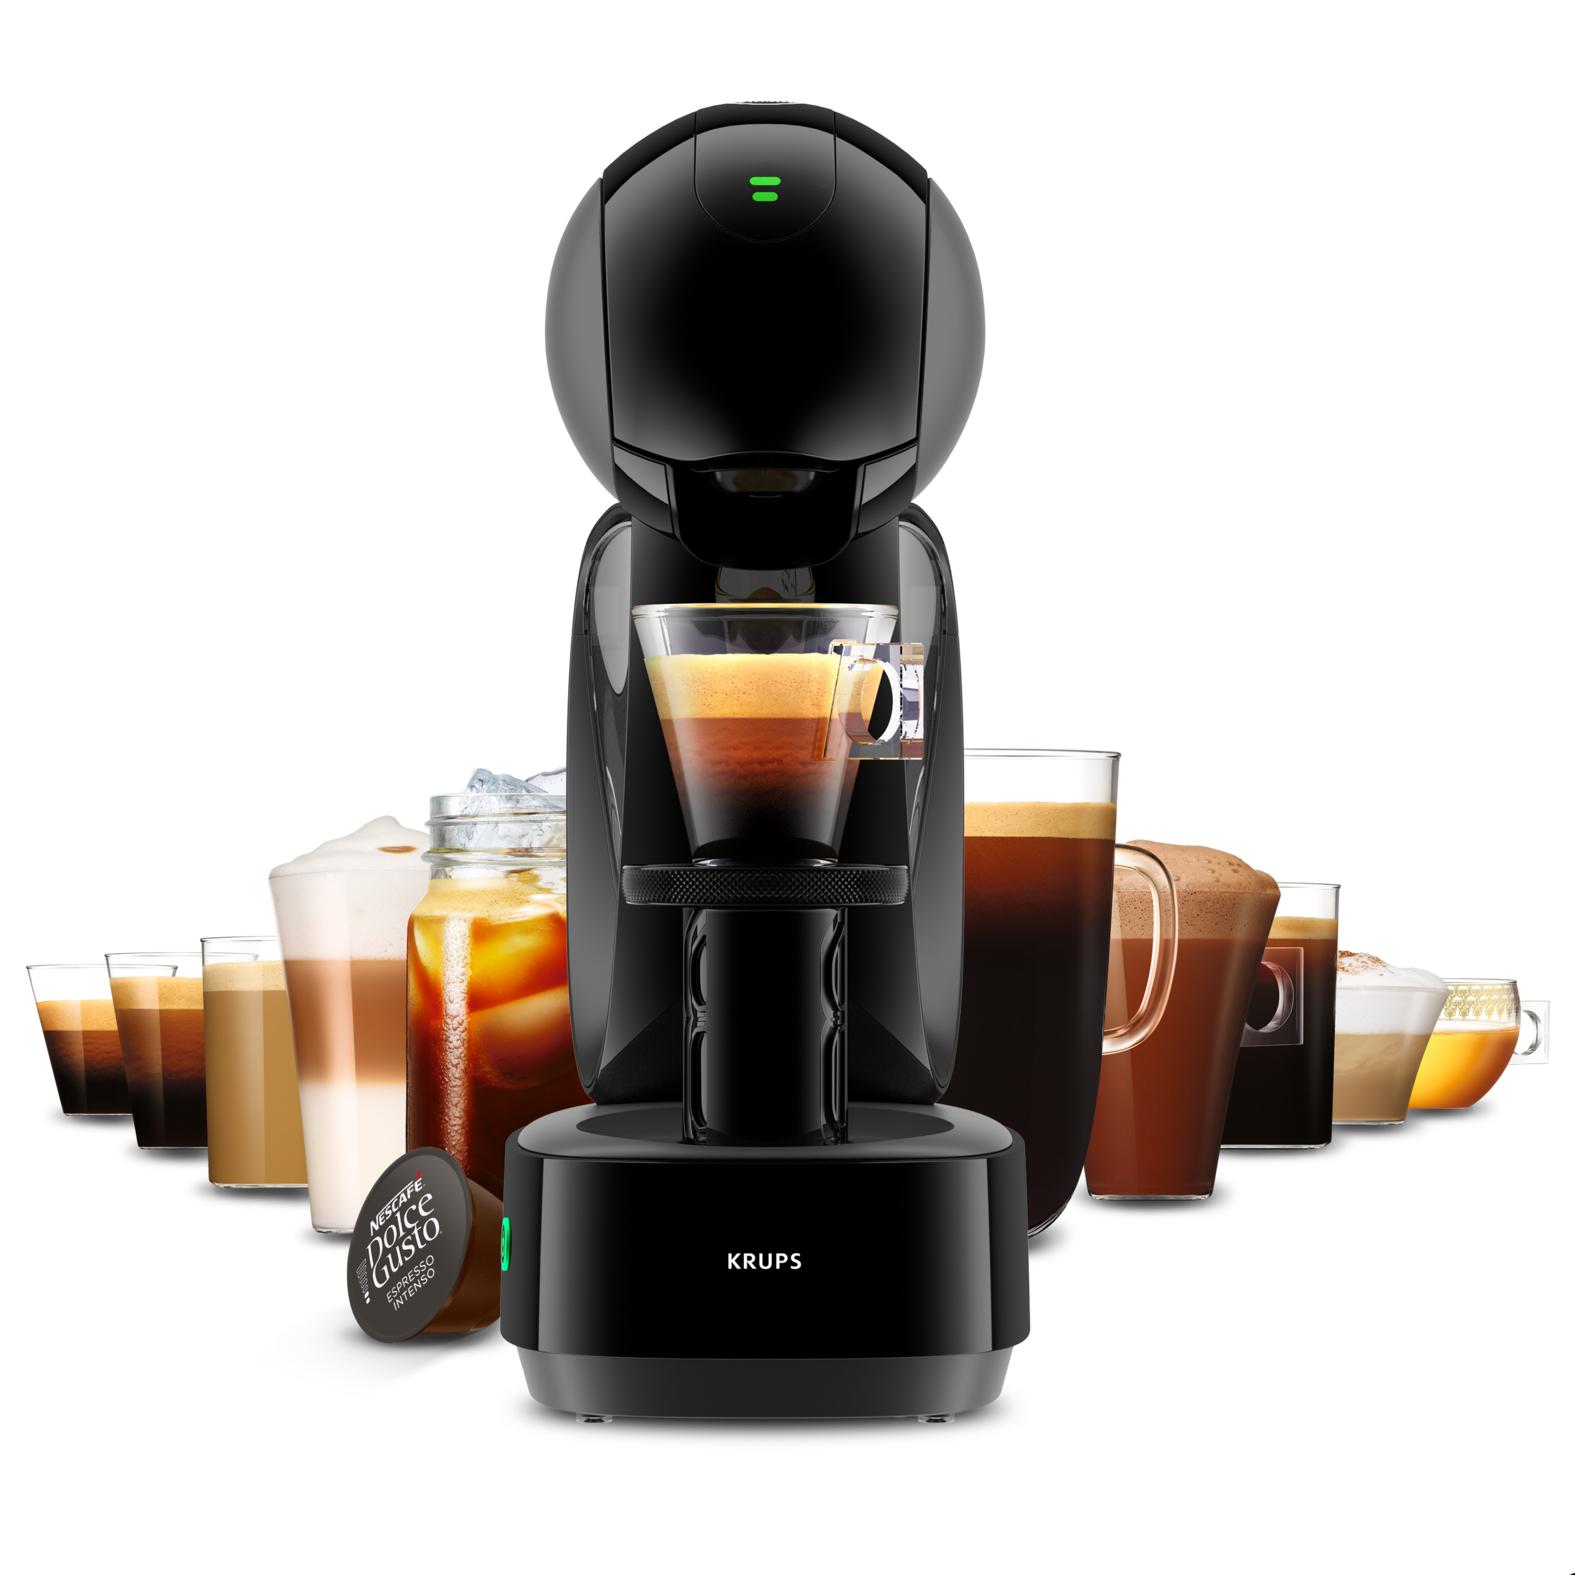 Krups Nescafé Dolce Gusto: Der perfekte Kaffee ist nur einen Touch entfernt